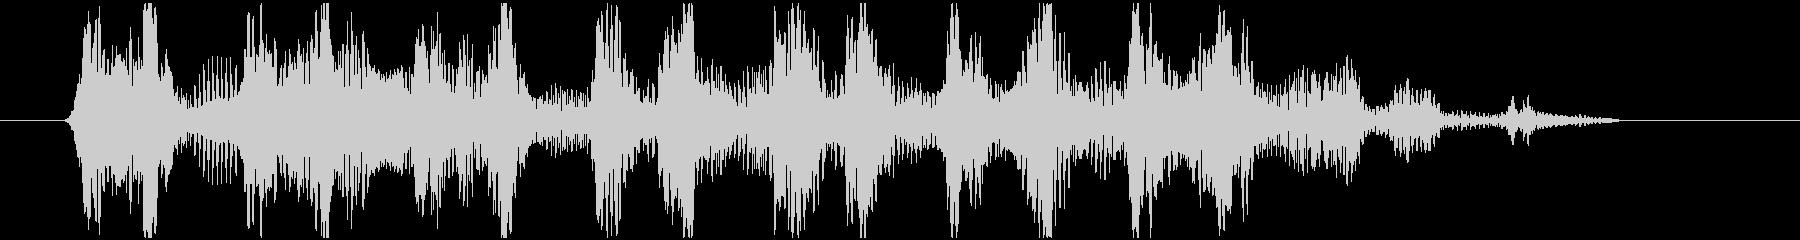 ワゥワゥワゥ 効果音シンセ HIGHの未再生の波形